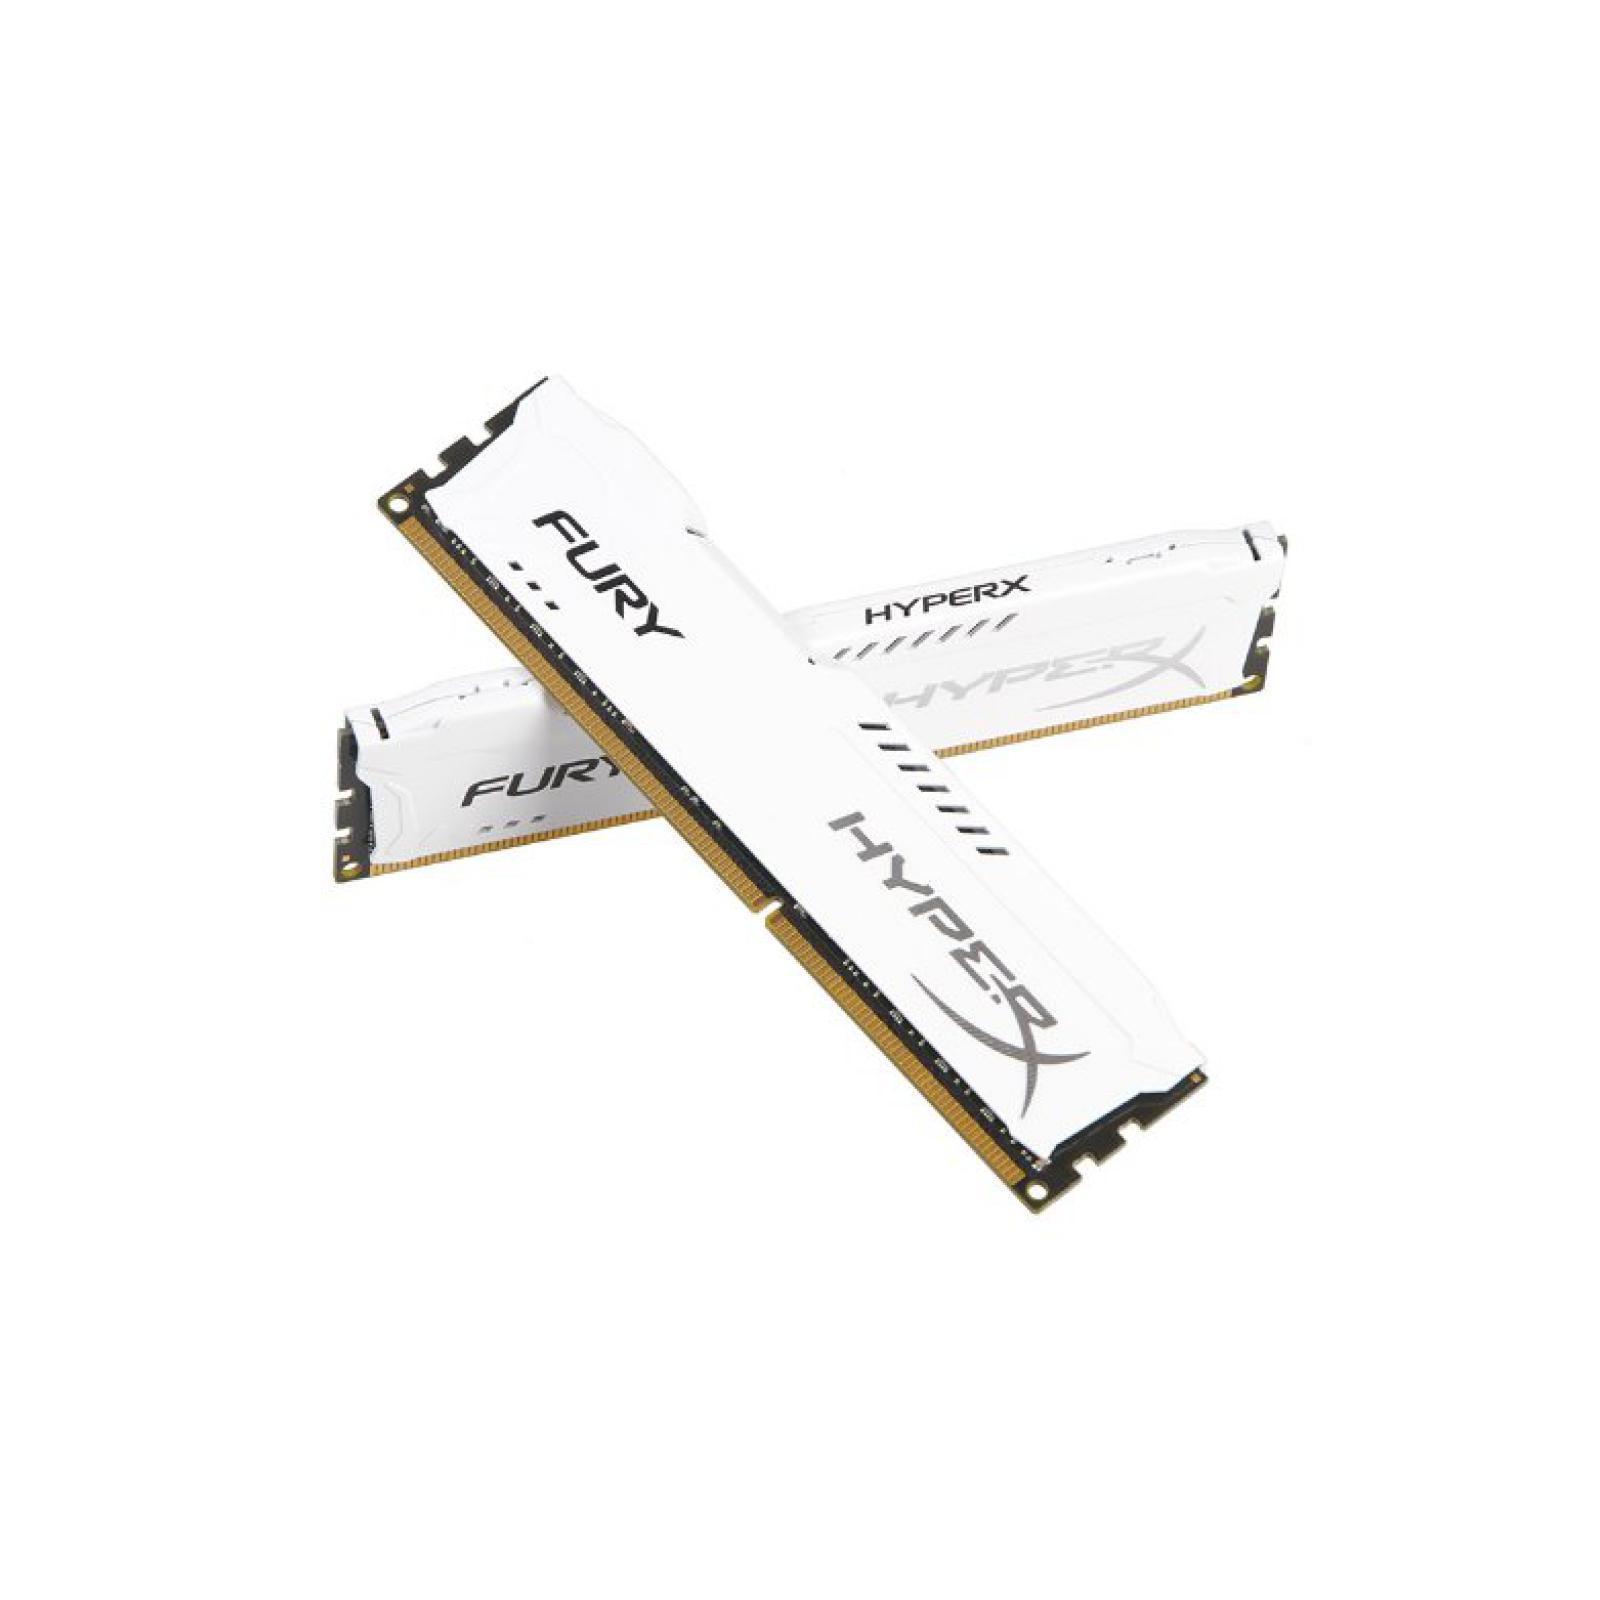 Модуль памяти для компьютера DDR4 32GB (2x16GB) 3466 MHz HyperX FURY White HyperX (Kingston Fury) (HX434C19FWK2/32) изображение 3